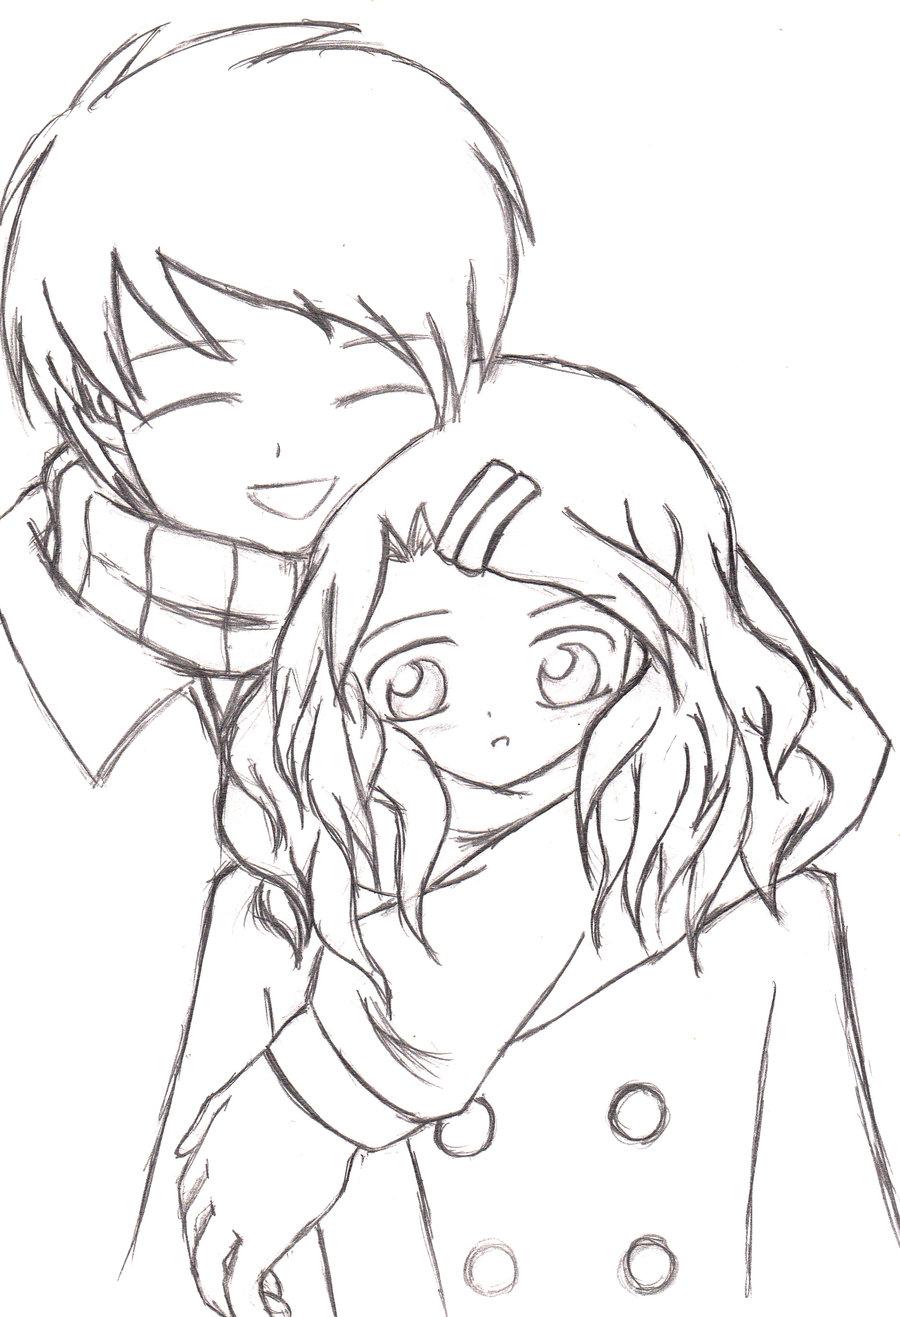 Anime Girl And Boy Drawing